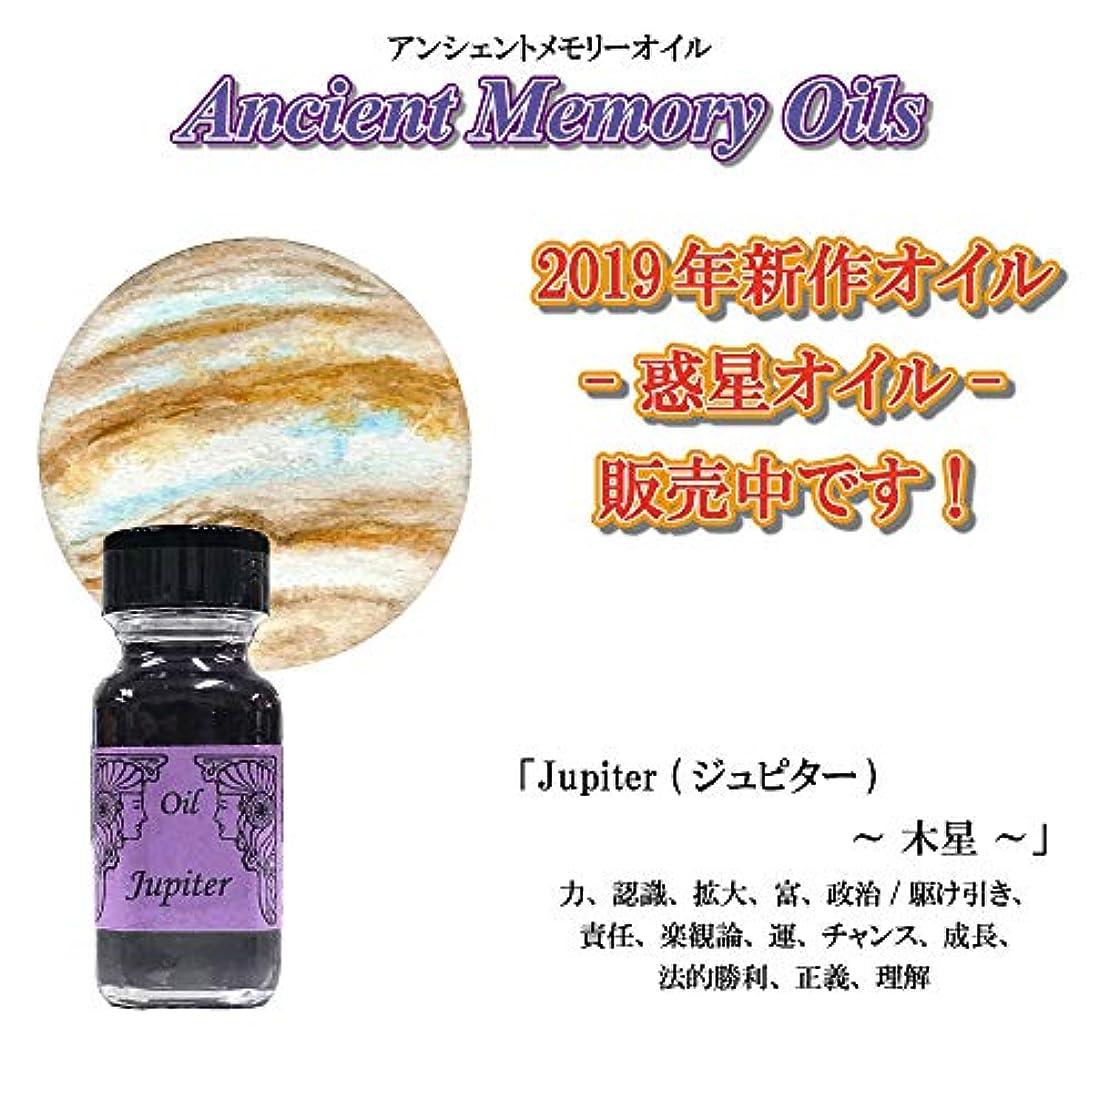 リンク主張する十分にSEDONA Ancient Memory Oils セドナ アンシェントメモリーオイル 惑星オイル Jupiter 木星 ジュピター 15ml